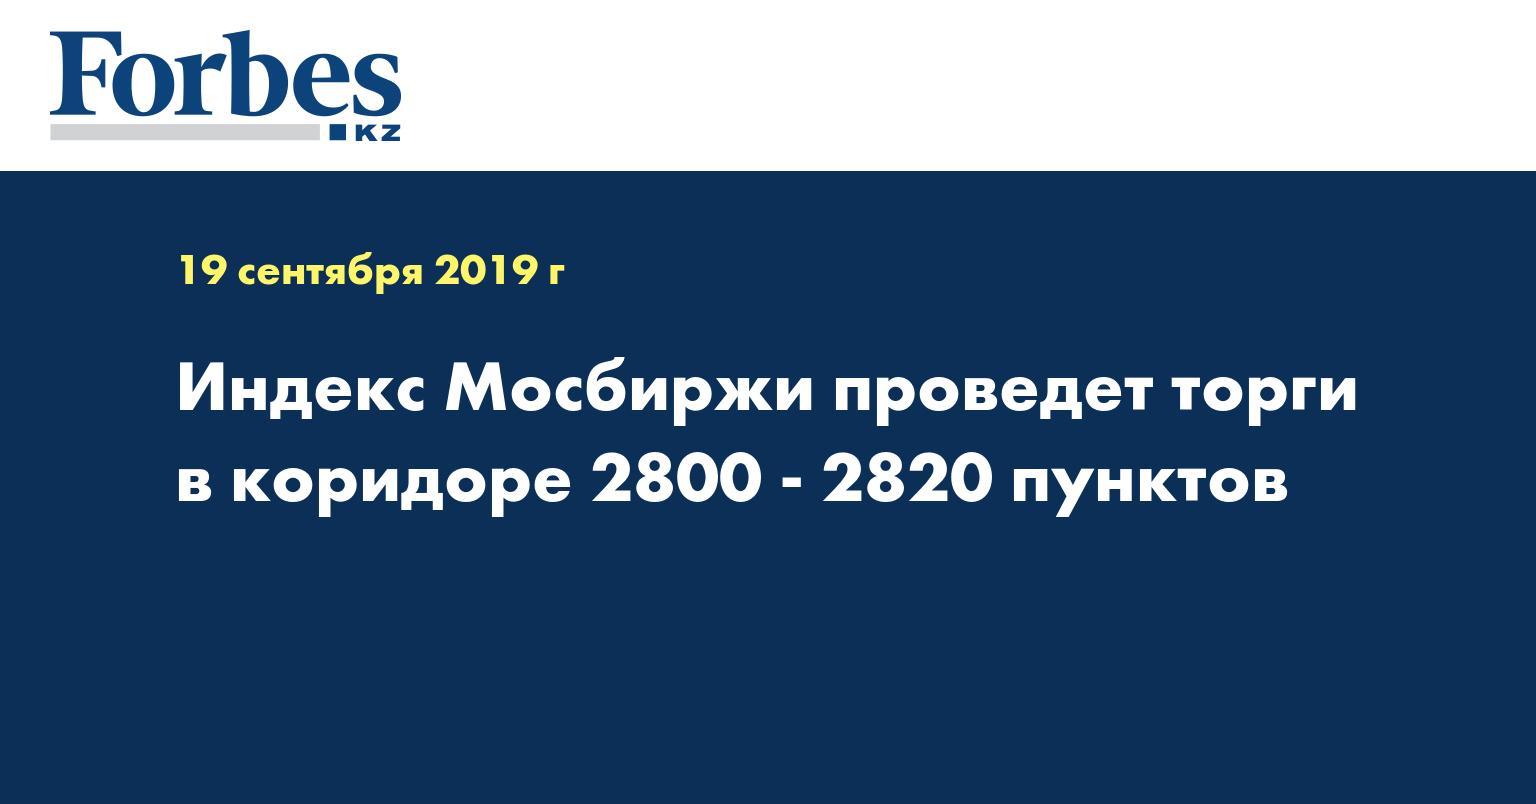 Индекс Мосбиржи проведет торги в коридоре 2800 - 2820 пунктов